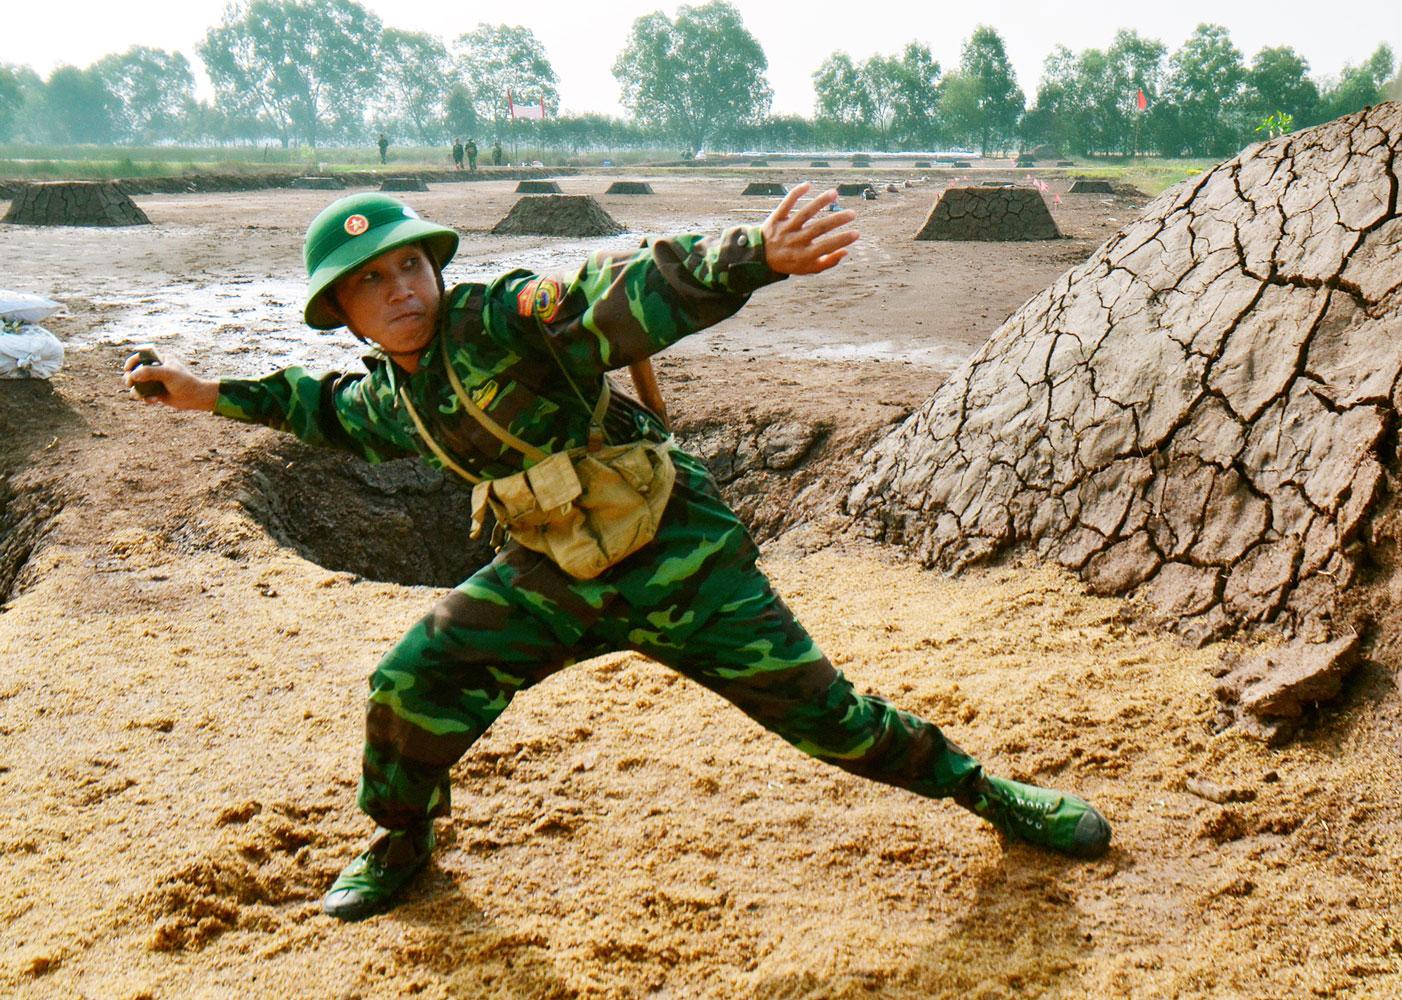 Chiến sĩ mới bình tĩnh, tự tin, quyết tâm đạt kết quả cao